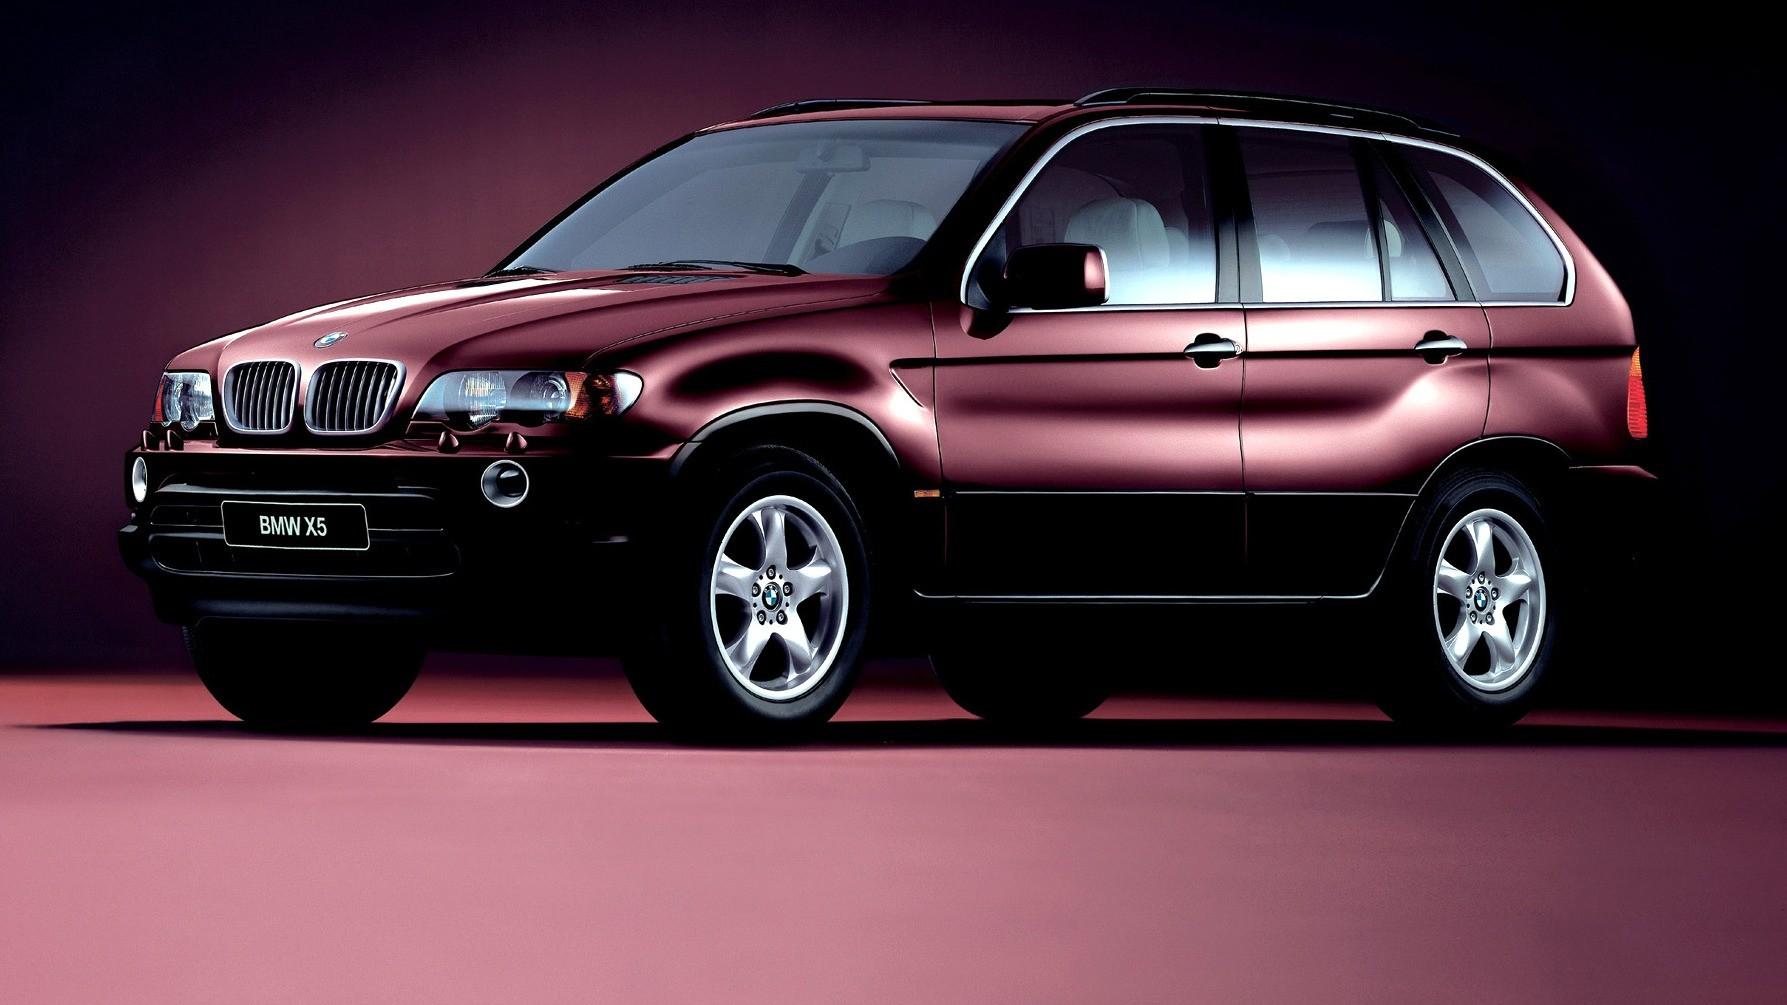 BMW X5 (E53) вид три четверти